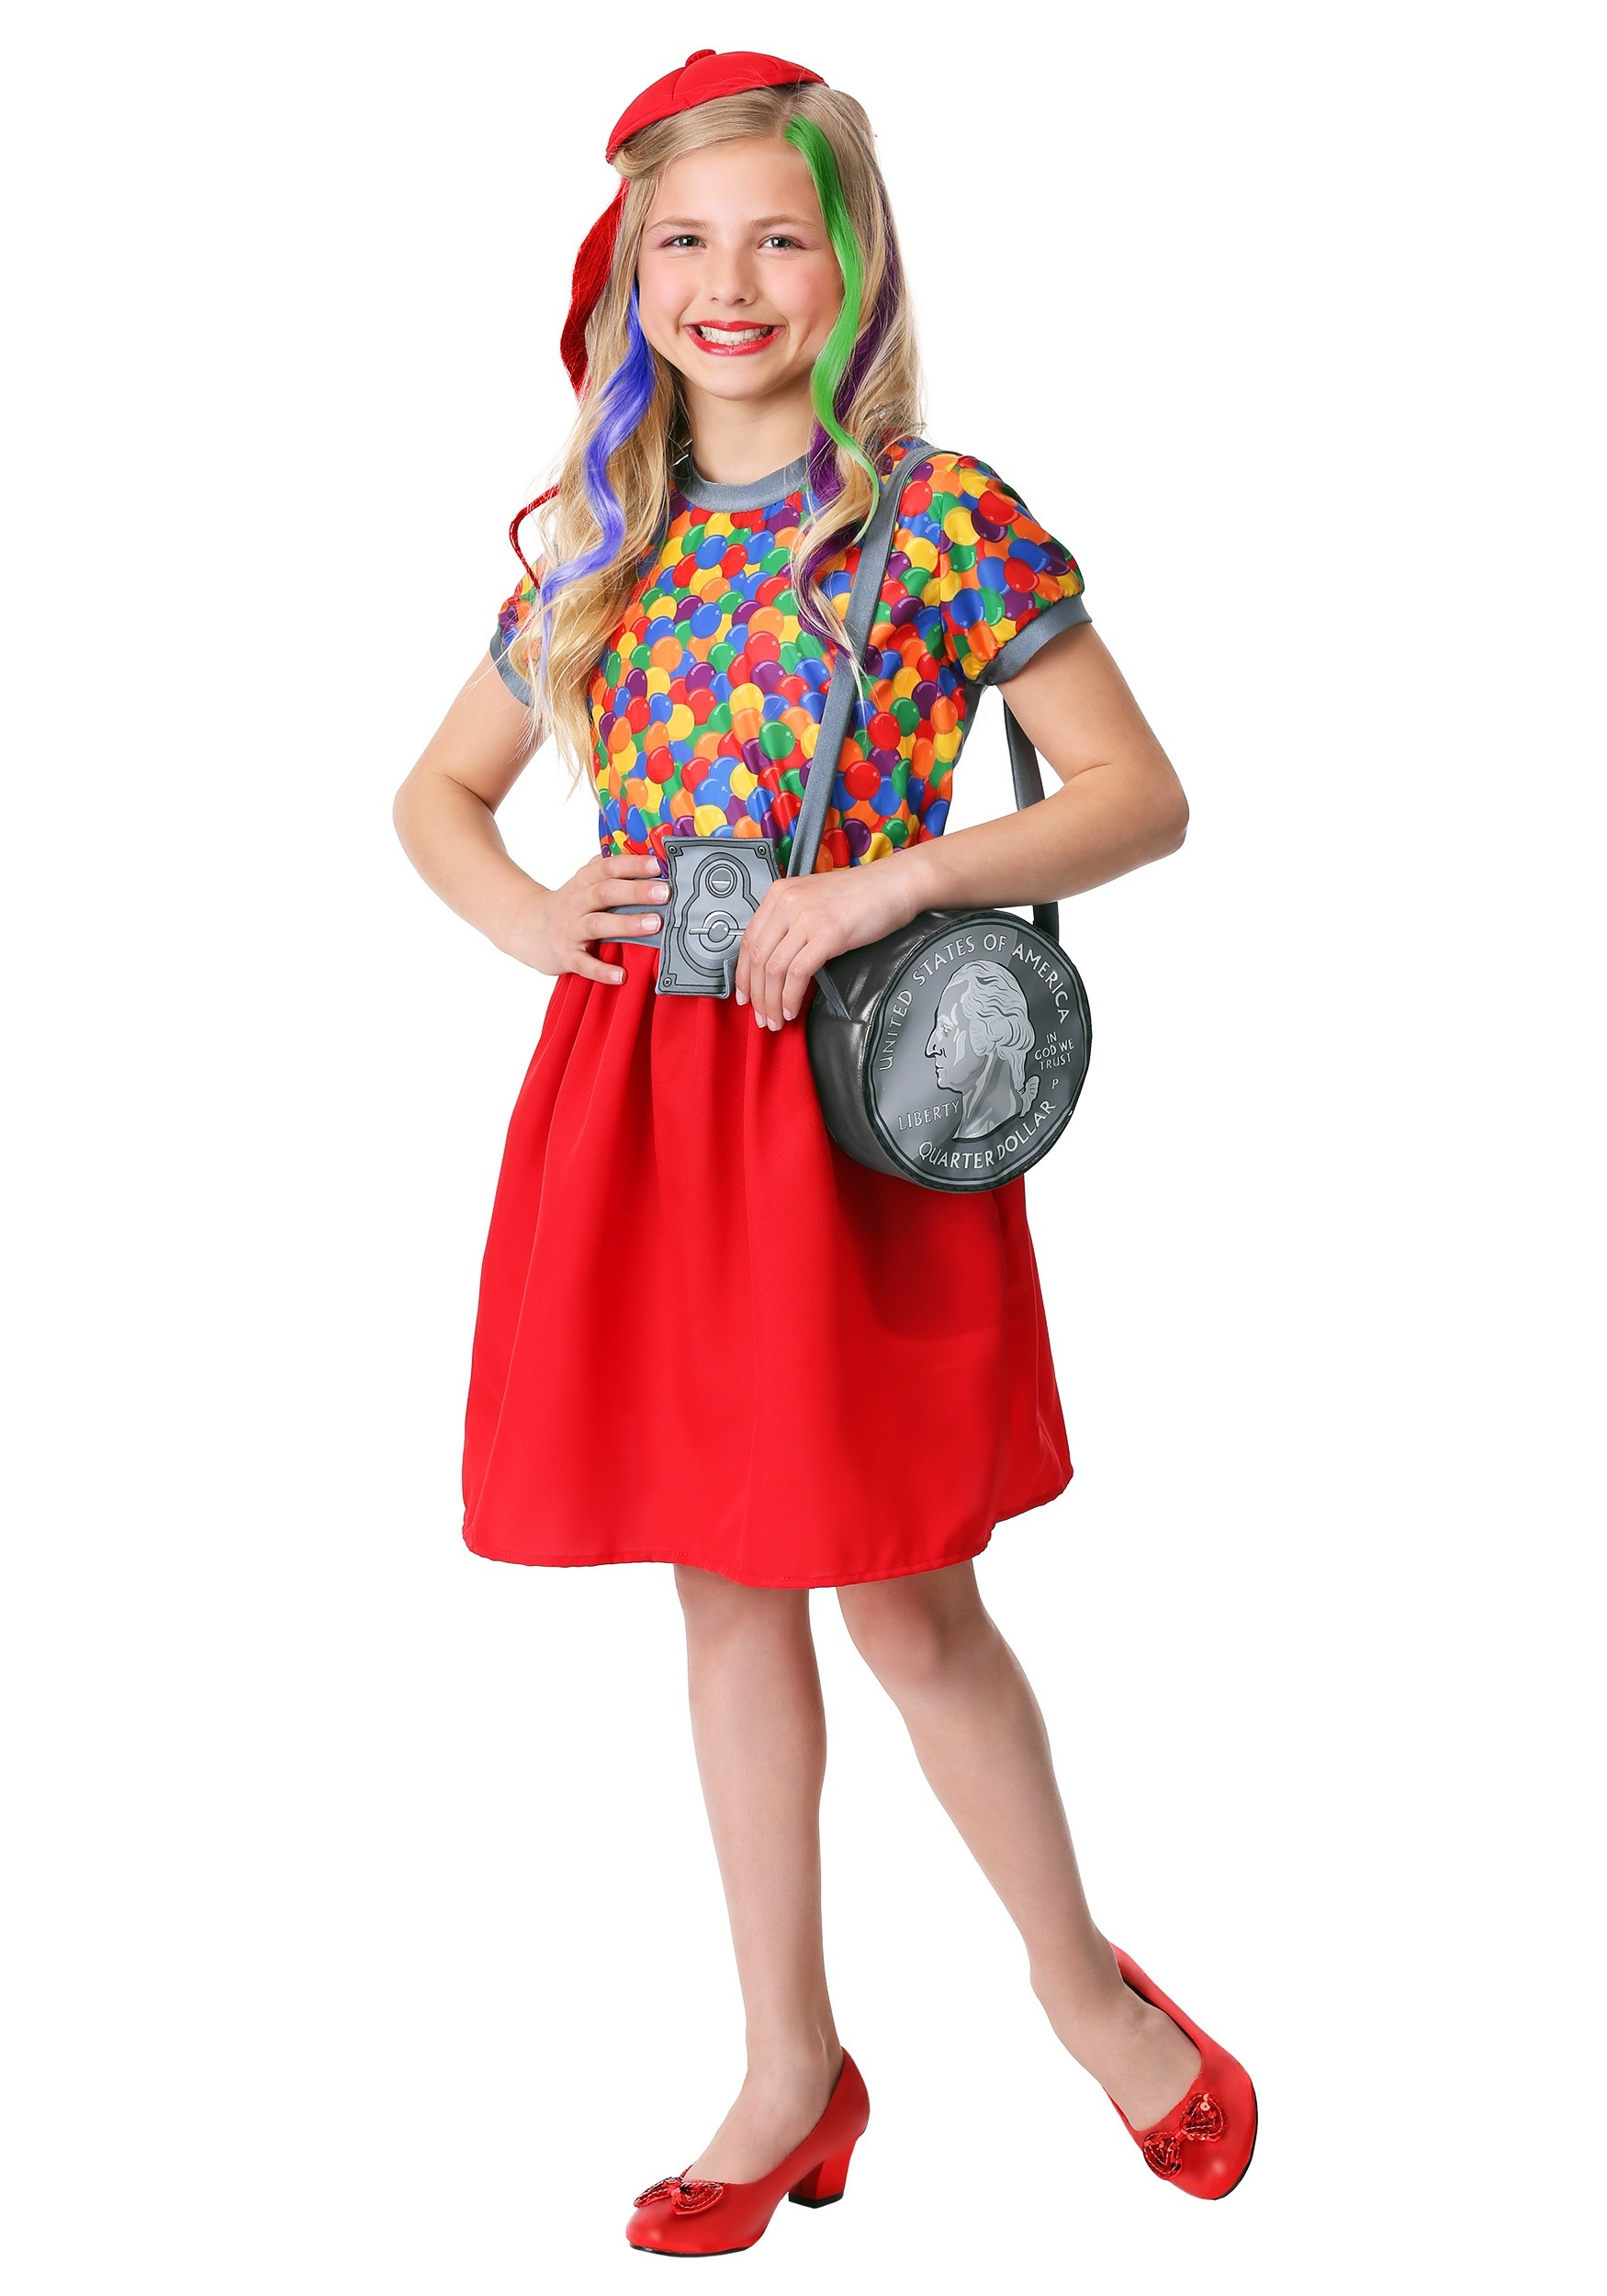 Gumball Machine Girl S Costume